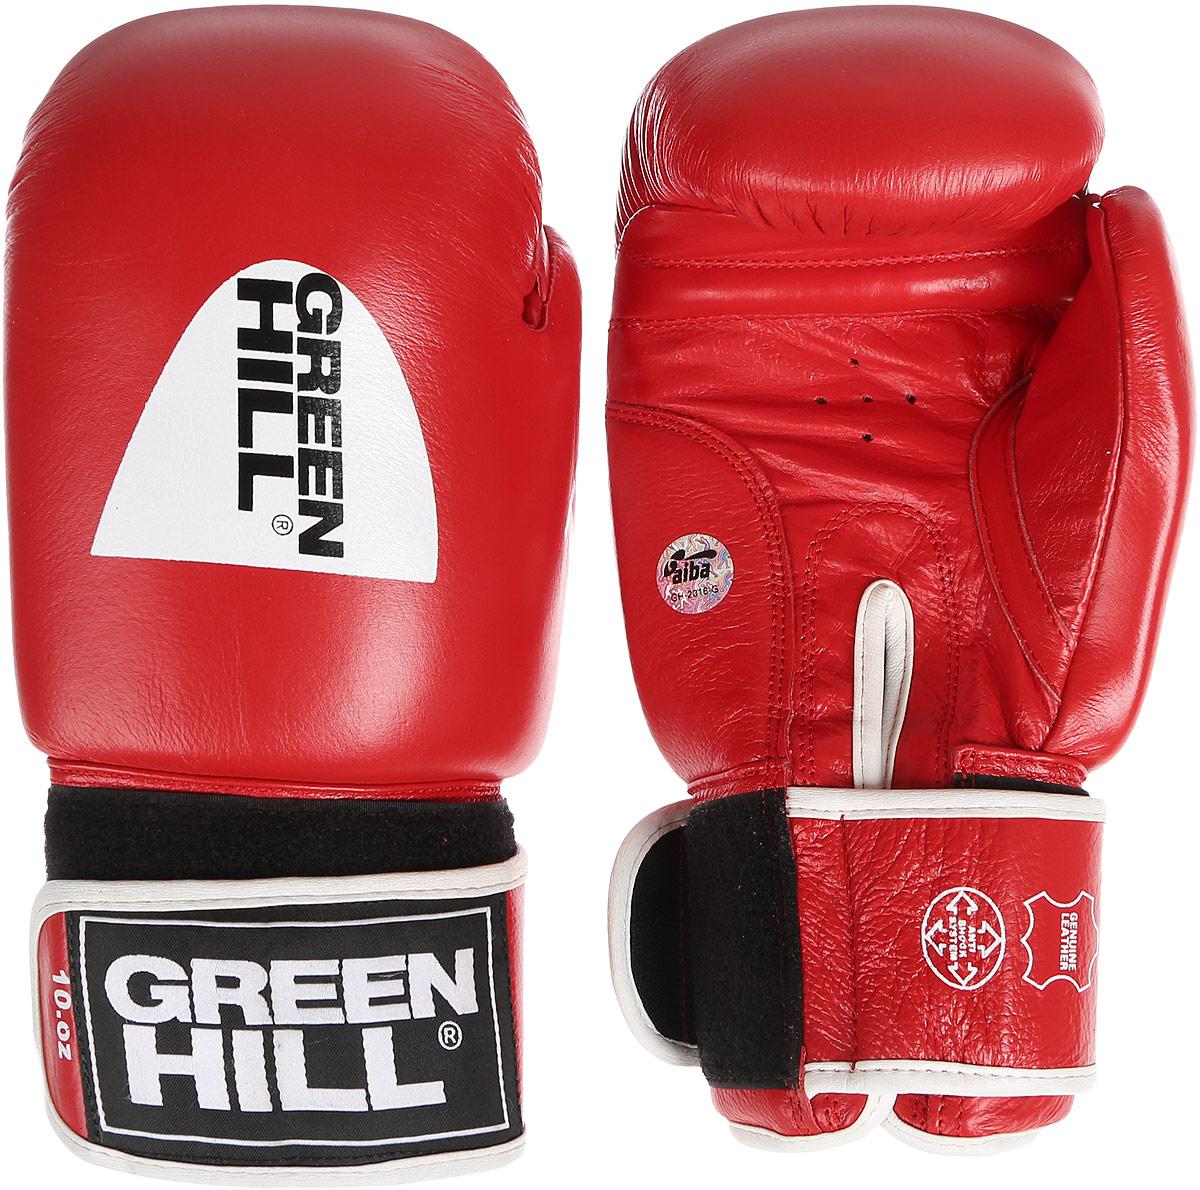 """Перчатки боксерские Green Hill """"Tiger"""", цвет: красный, черный, белый. Вес 10 унций. BGT-2010а"""